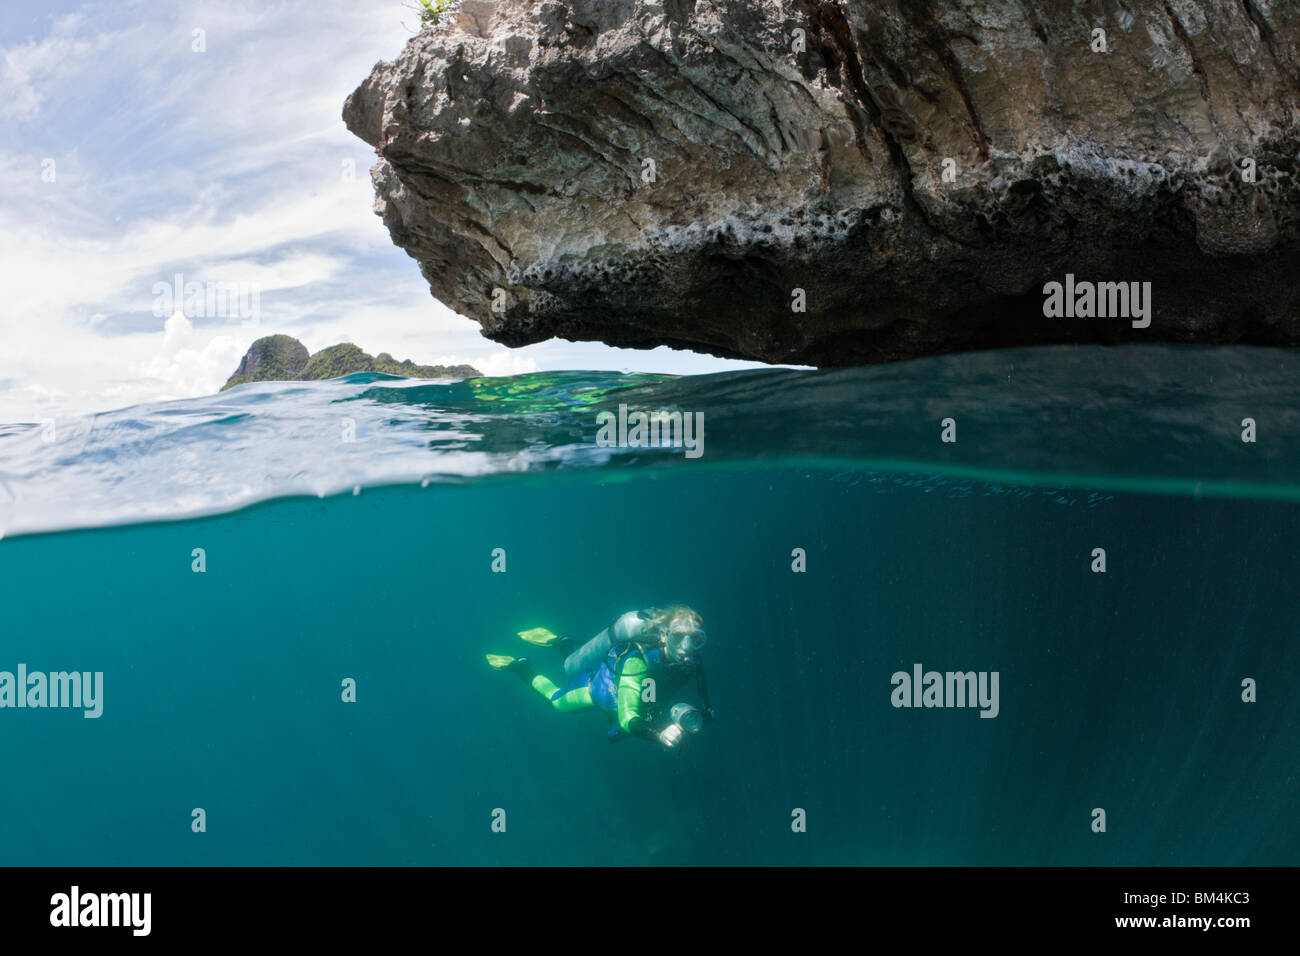 Plongée sous marine en eaux peu profondes, Raja Ampat, Papouasie occidentale, en Indonésie Photo Stock